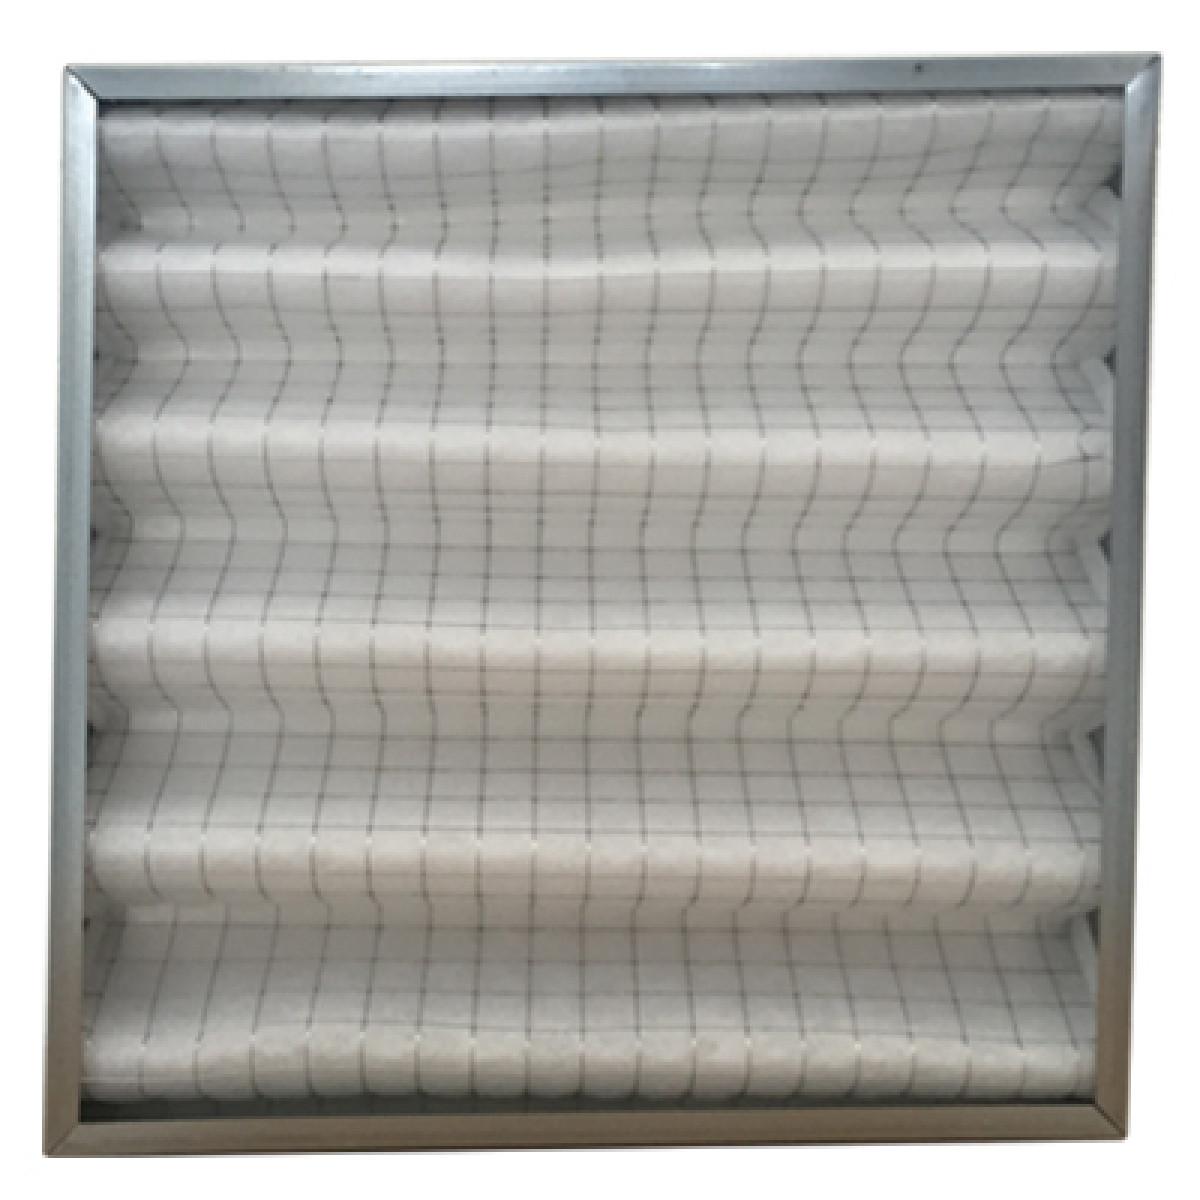 Filtro cella ondulata sintetica doppia rete acciaio spessore 48 mm 287x592